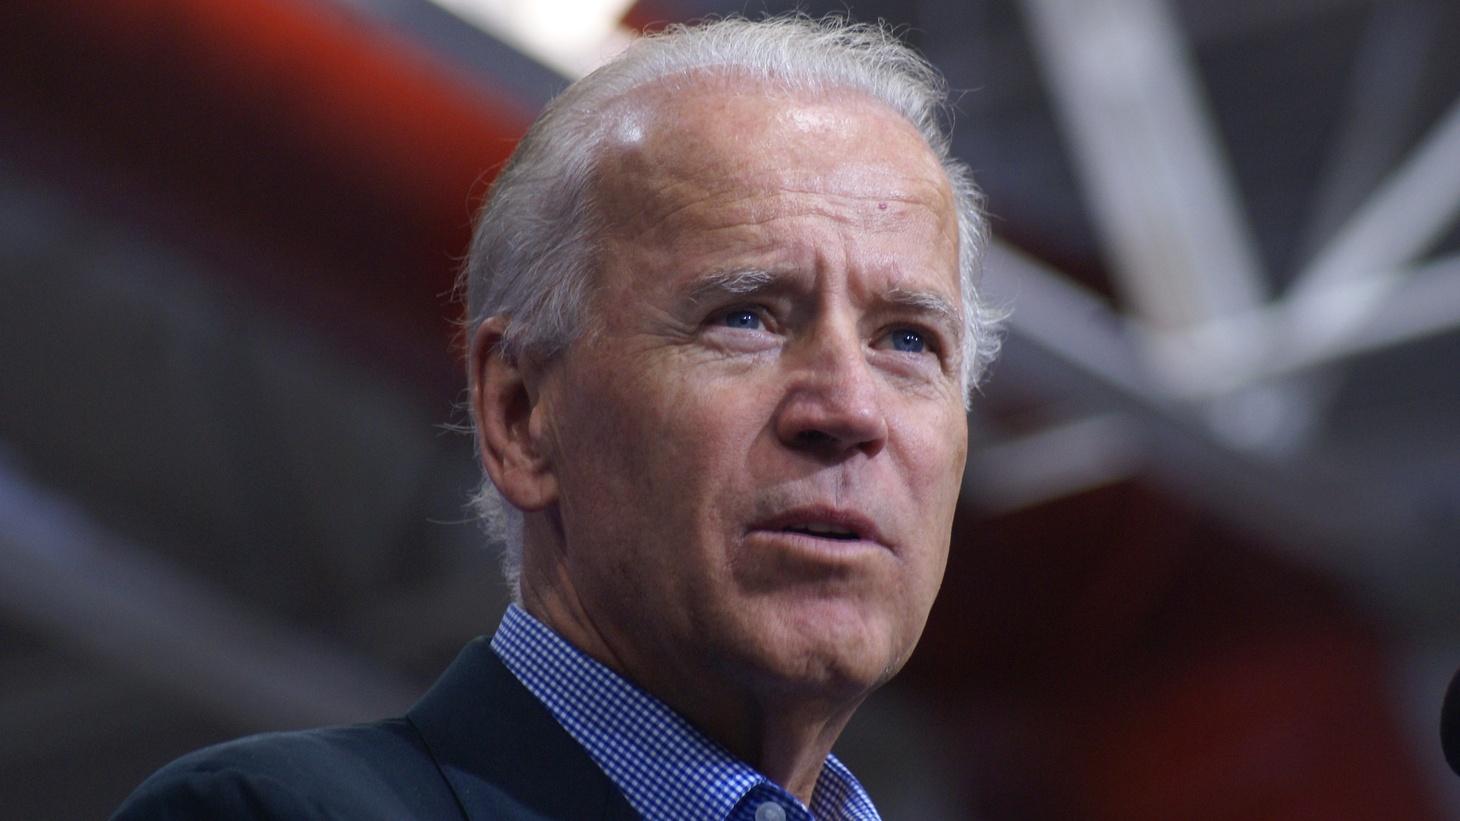 Senator, Joe Biden